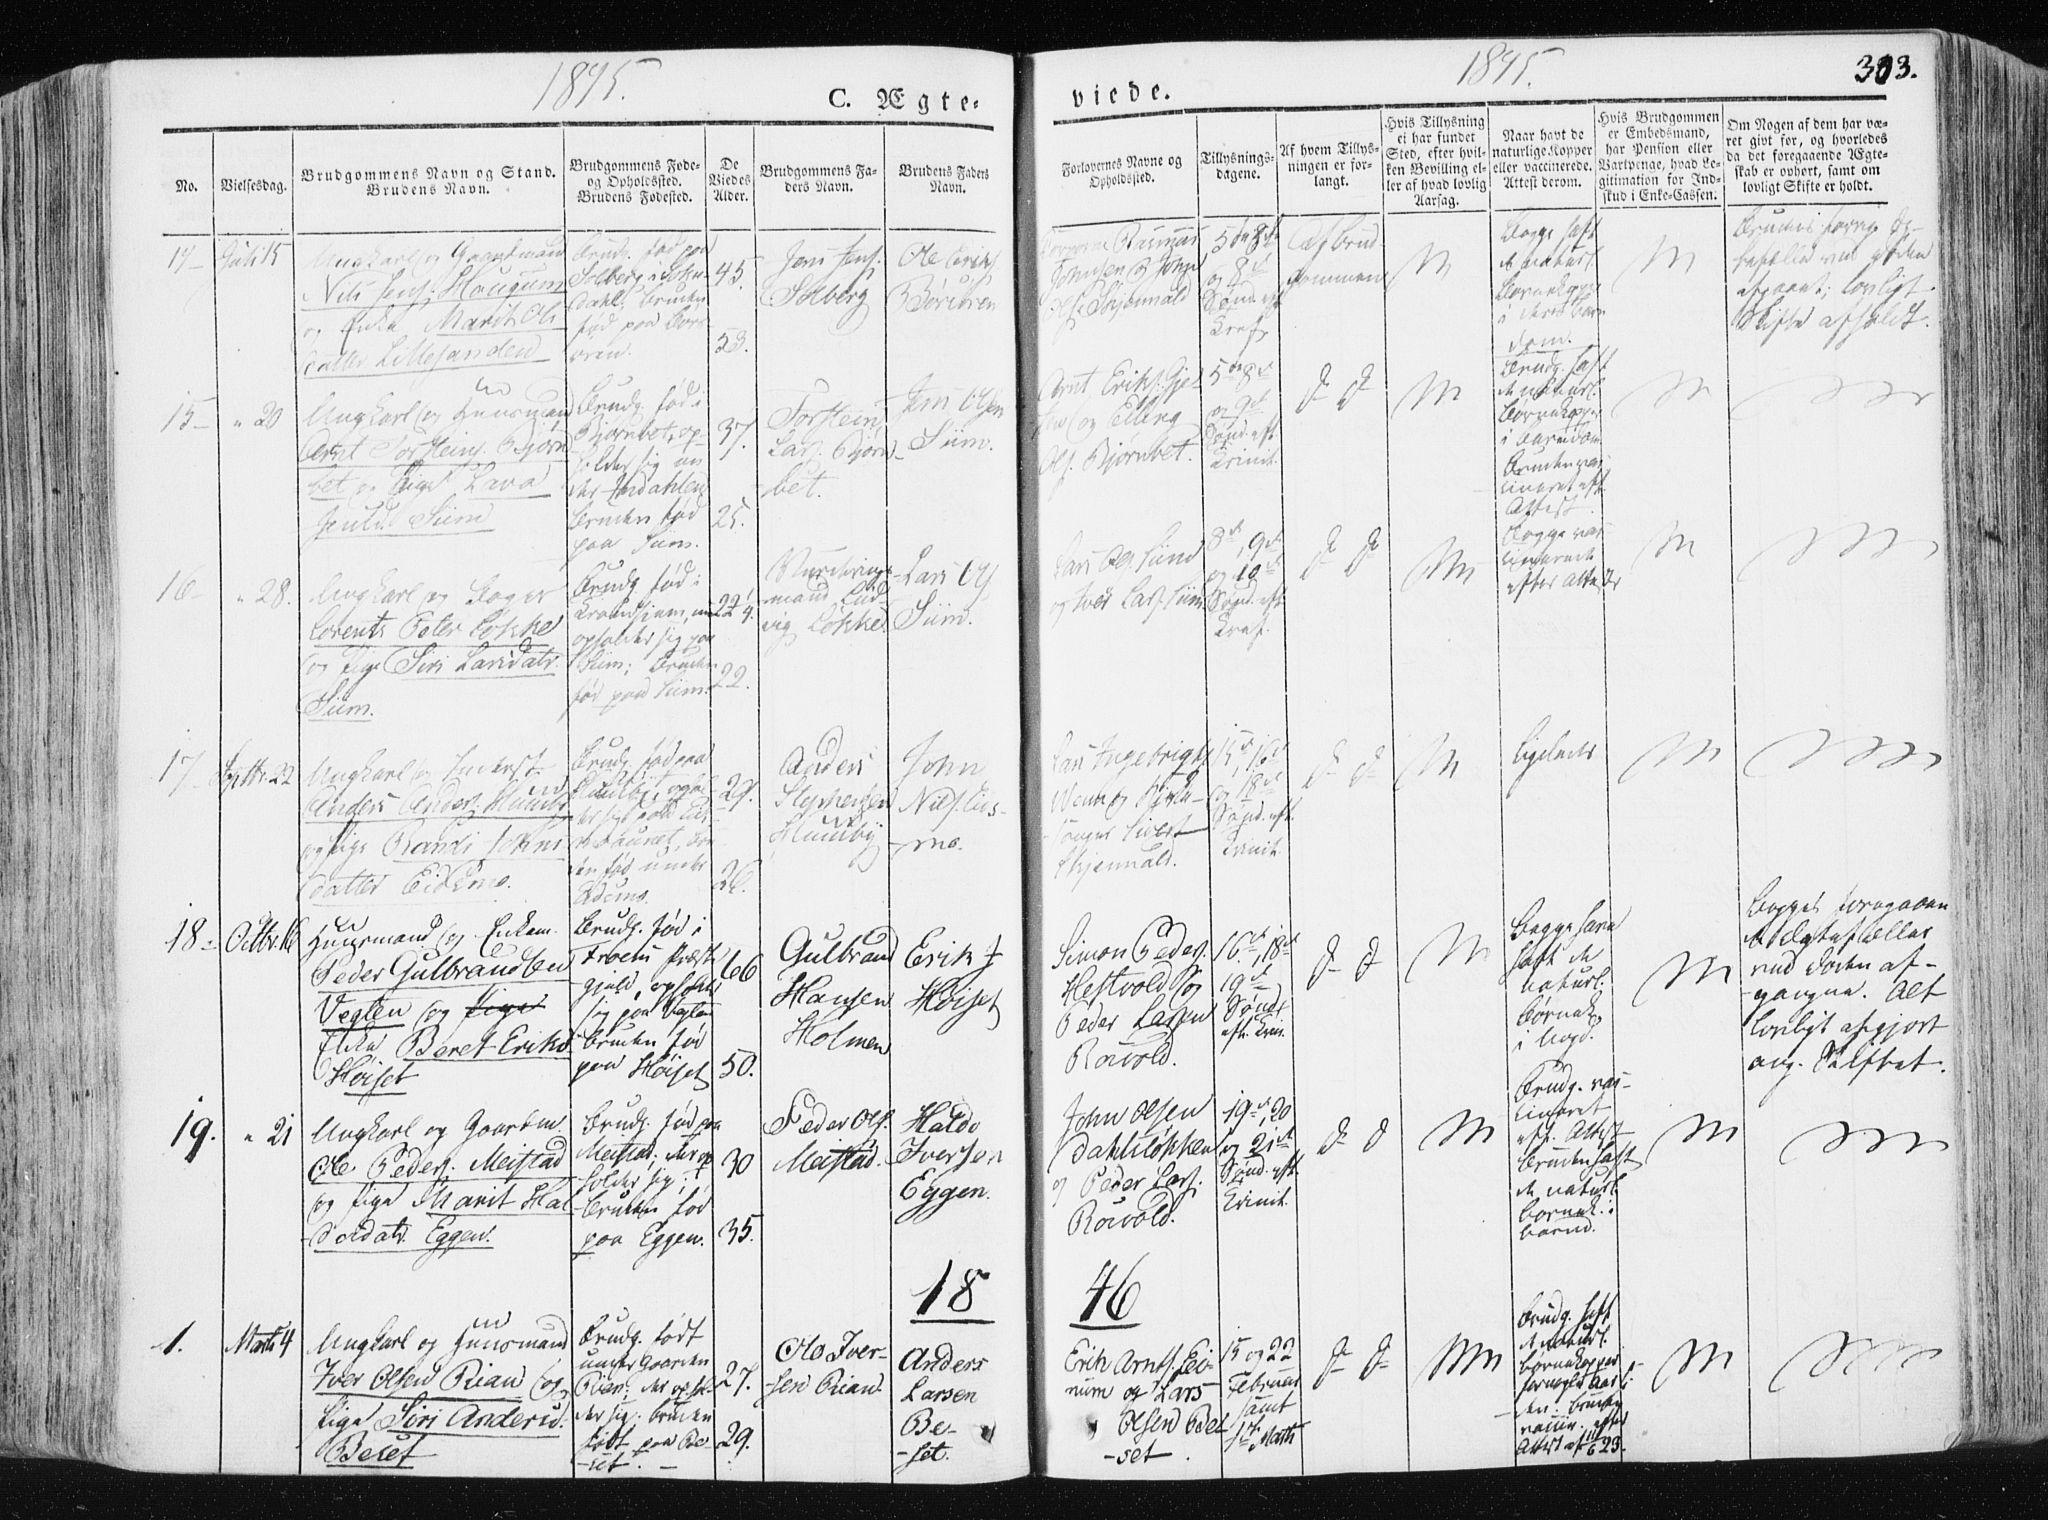 SAT, Ministerialprotokoller, klokkerbøker og fødselsregistre - Sør-Trøndelag, 665/L0771: Ministerialbok nr. 665A06, 1830-1856, s. 303